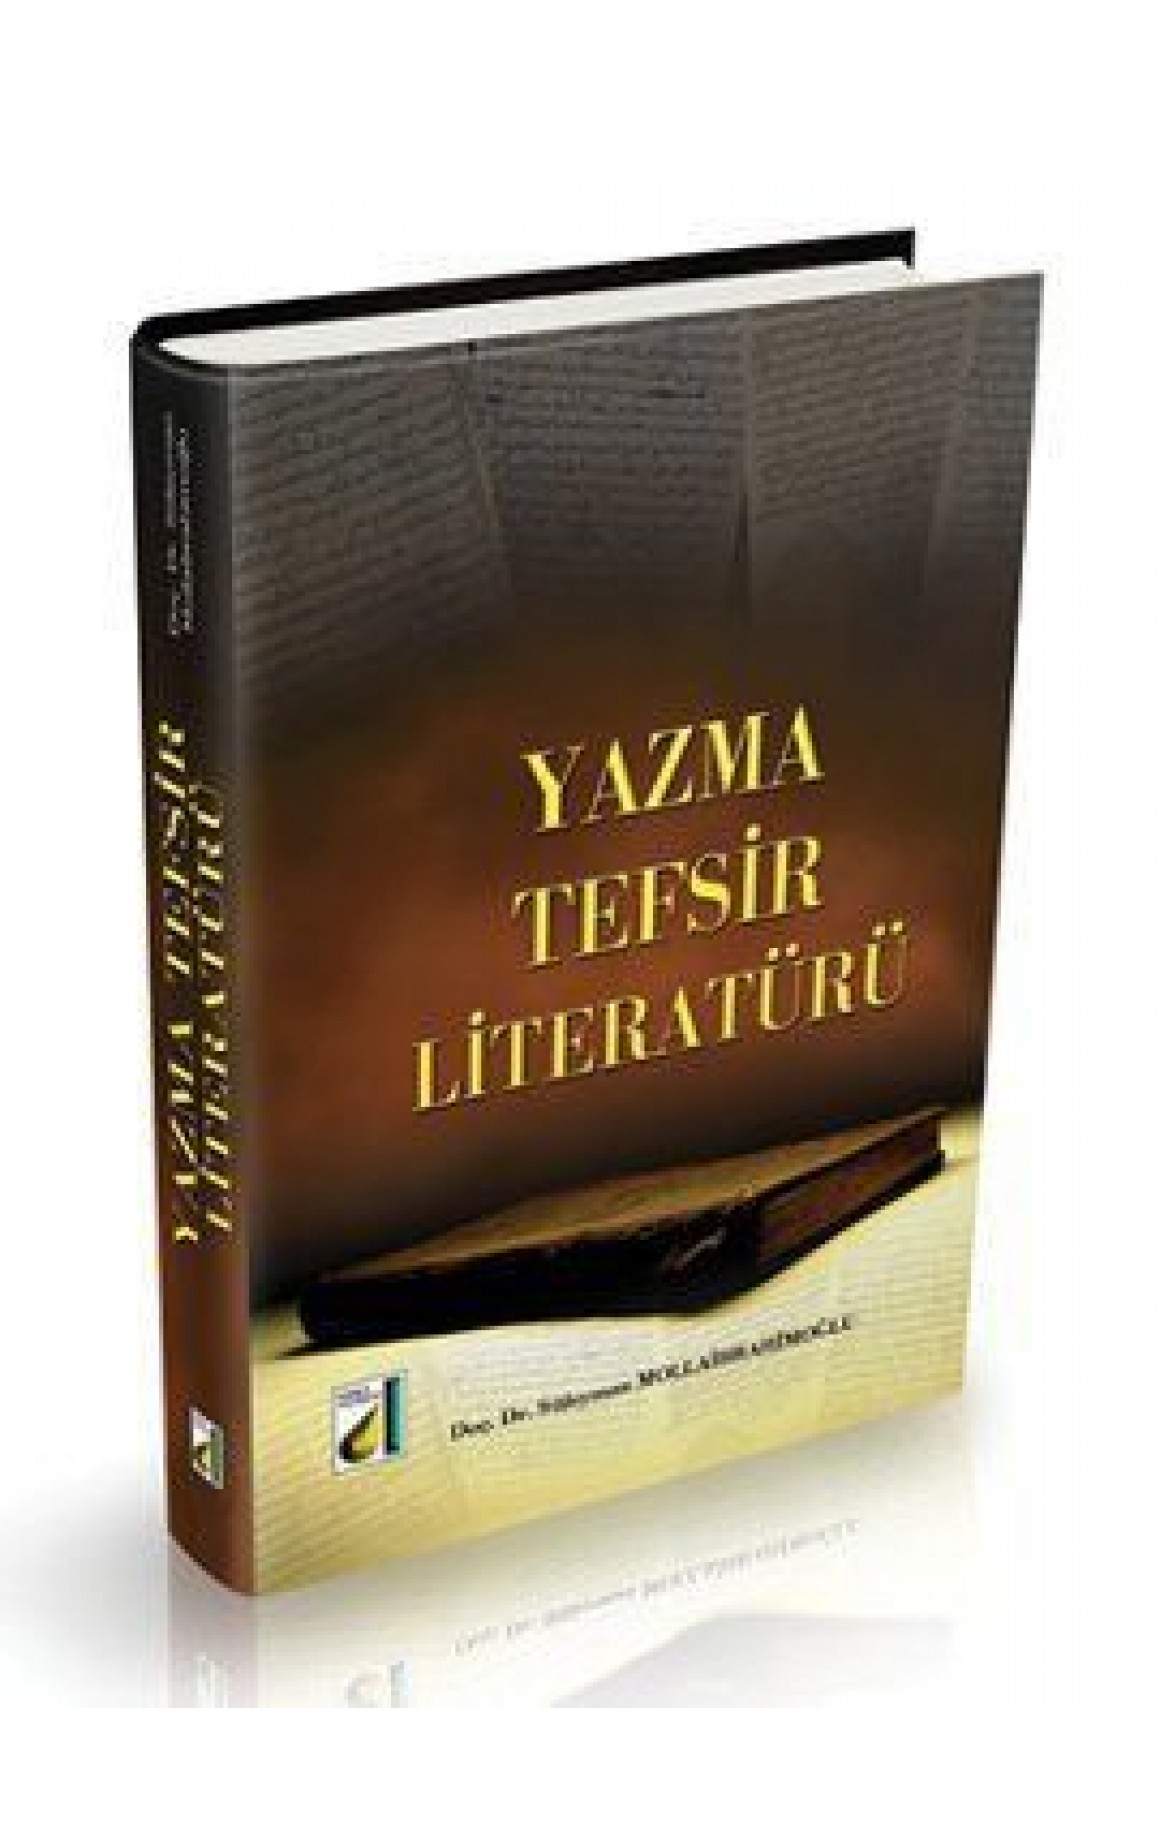 Yazma Tefsir Literatürü